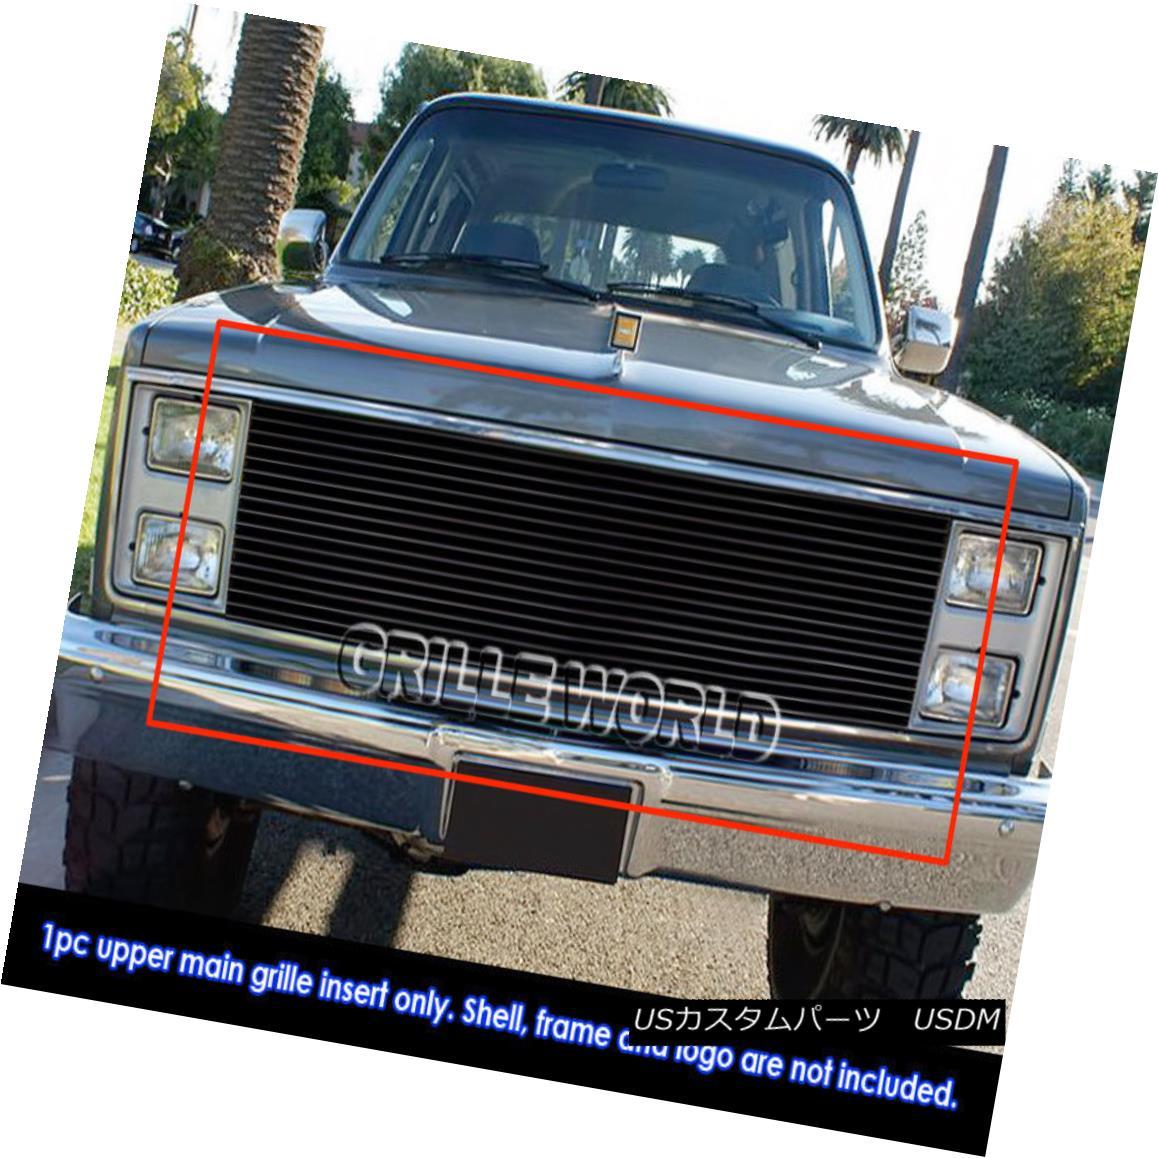 グリル 81-87 Chevy Blazer/C/K Pickup/Suburban/GMC Jimmy Black Billet Grille Insert 81-87 Chevy Blazer / C / K Pickup / Suburba n / GMC Jimmy Black Billet Grille Insert